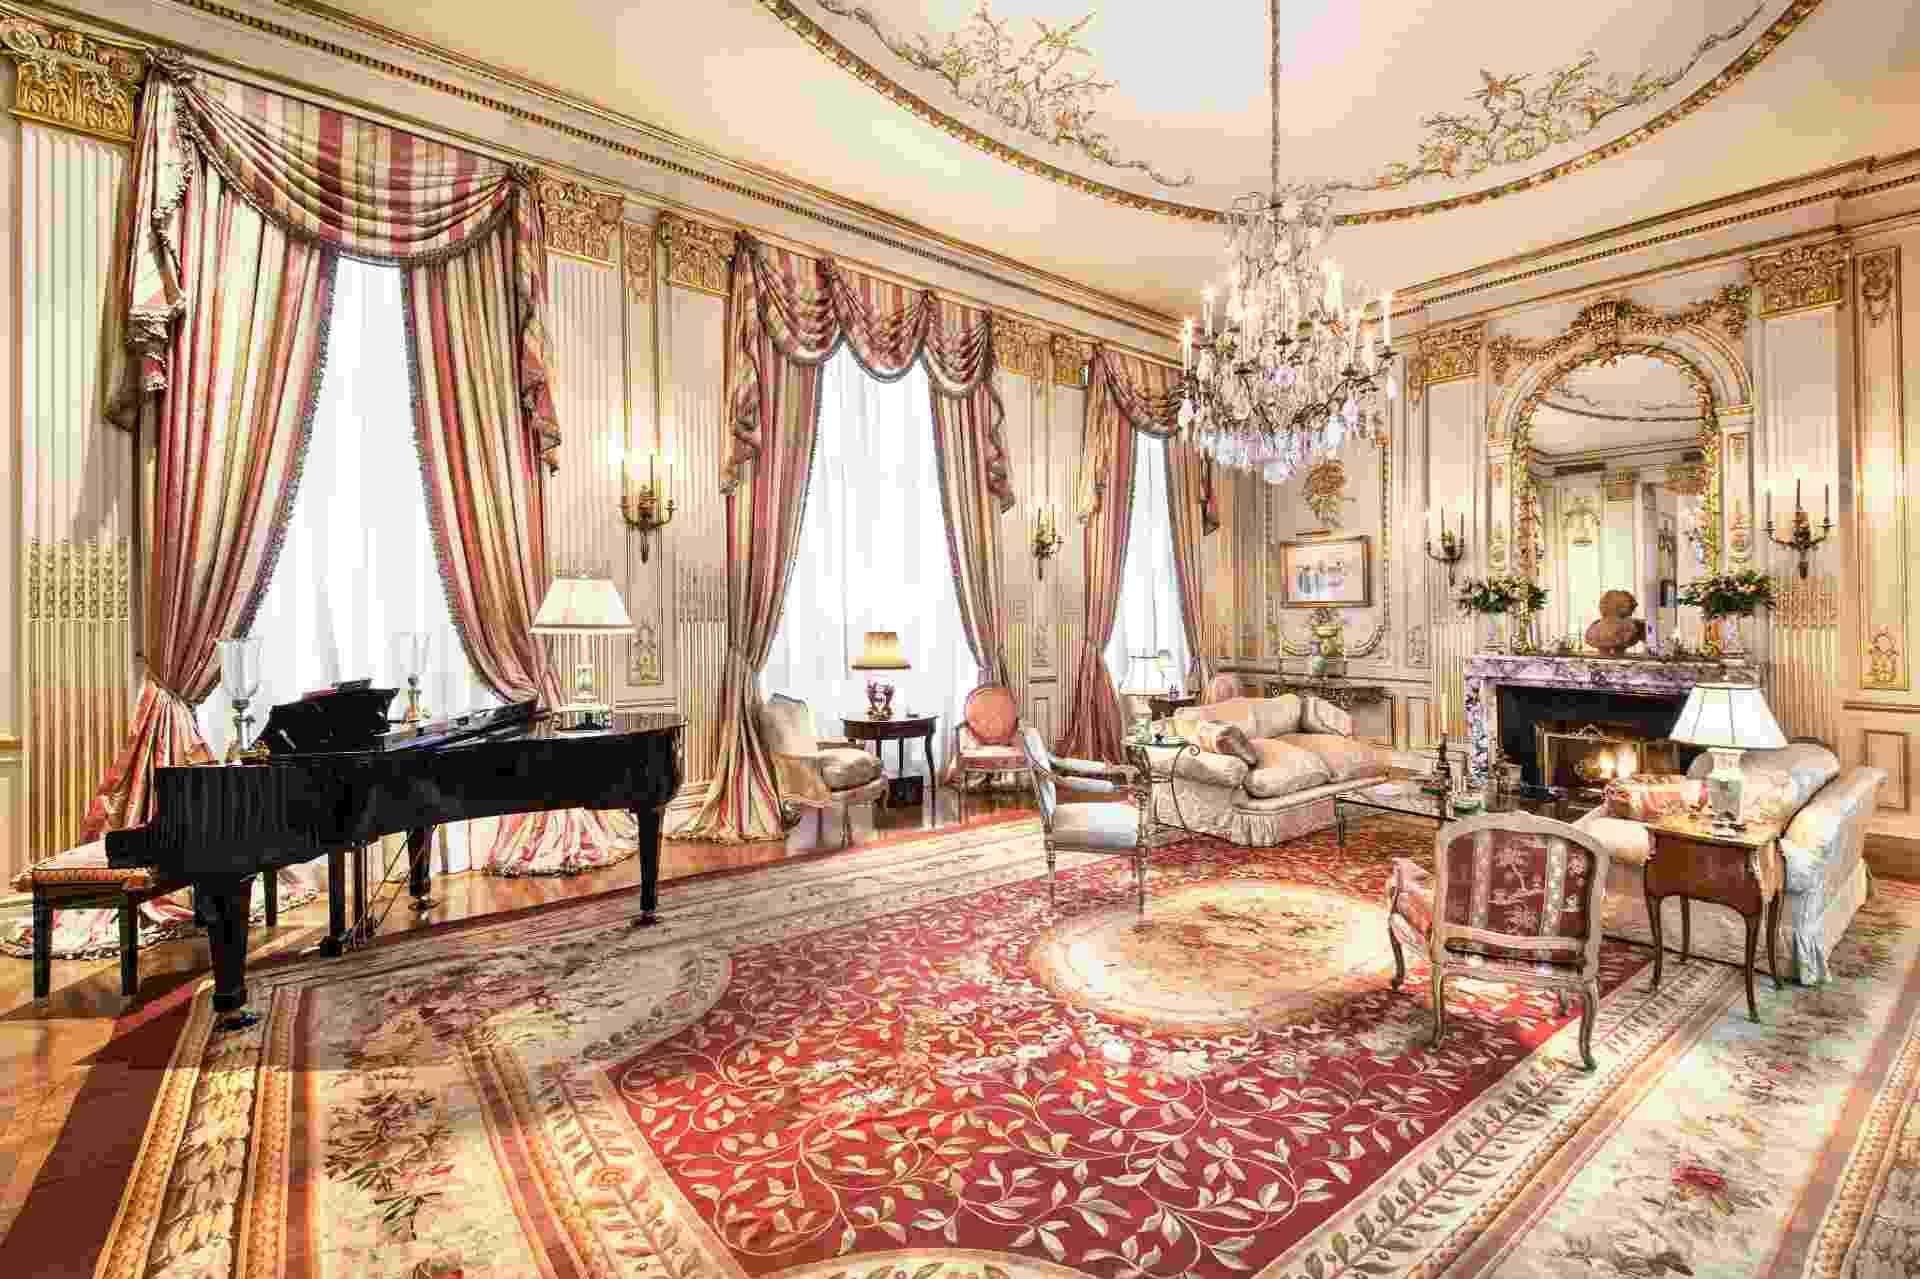 Apartamento de Joan Rivers em NY, vendido à US$ 28 mi (Imagem do NYT, usar apenas no respectivo material) - Fred R. Conrad/ The New York Times